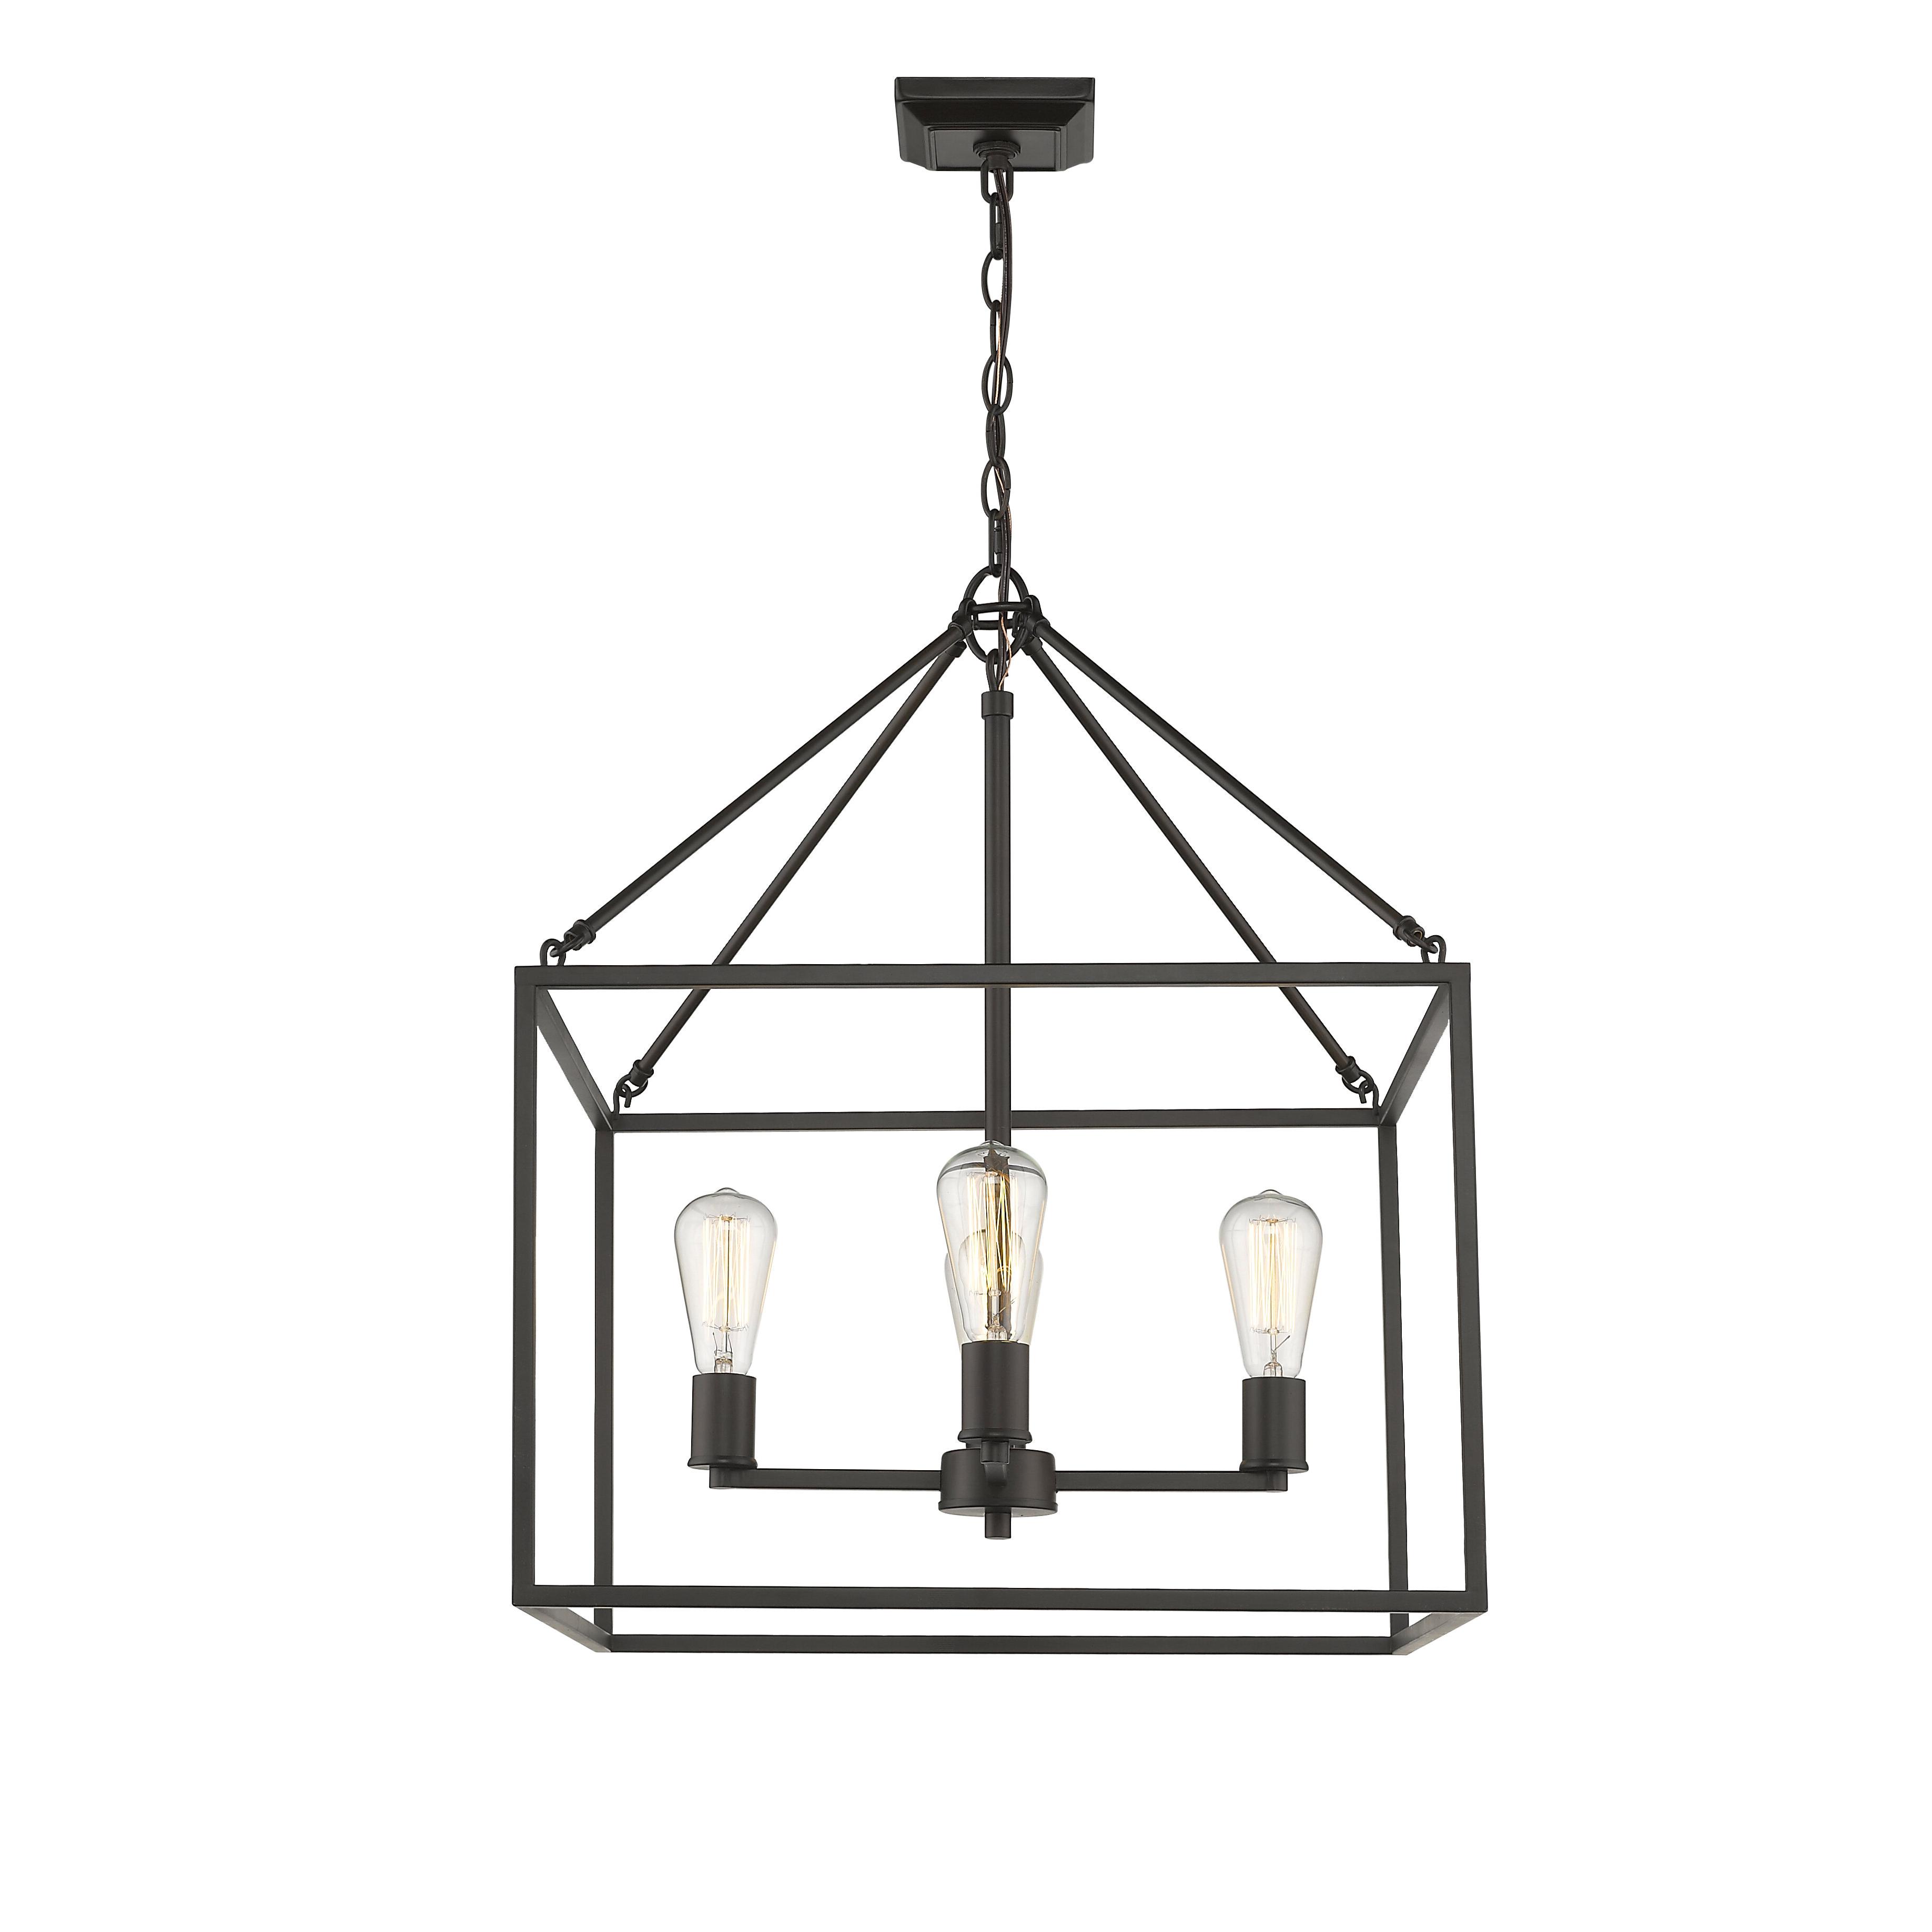 Most Recently Released Zabel 4 Light Lantern Square / Rectangle Pendant Within Sherri Ann 3 Light Lantern Square / Rectangle Pendants (View 9 of 25)